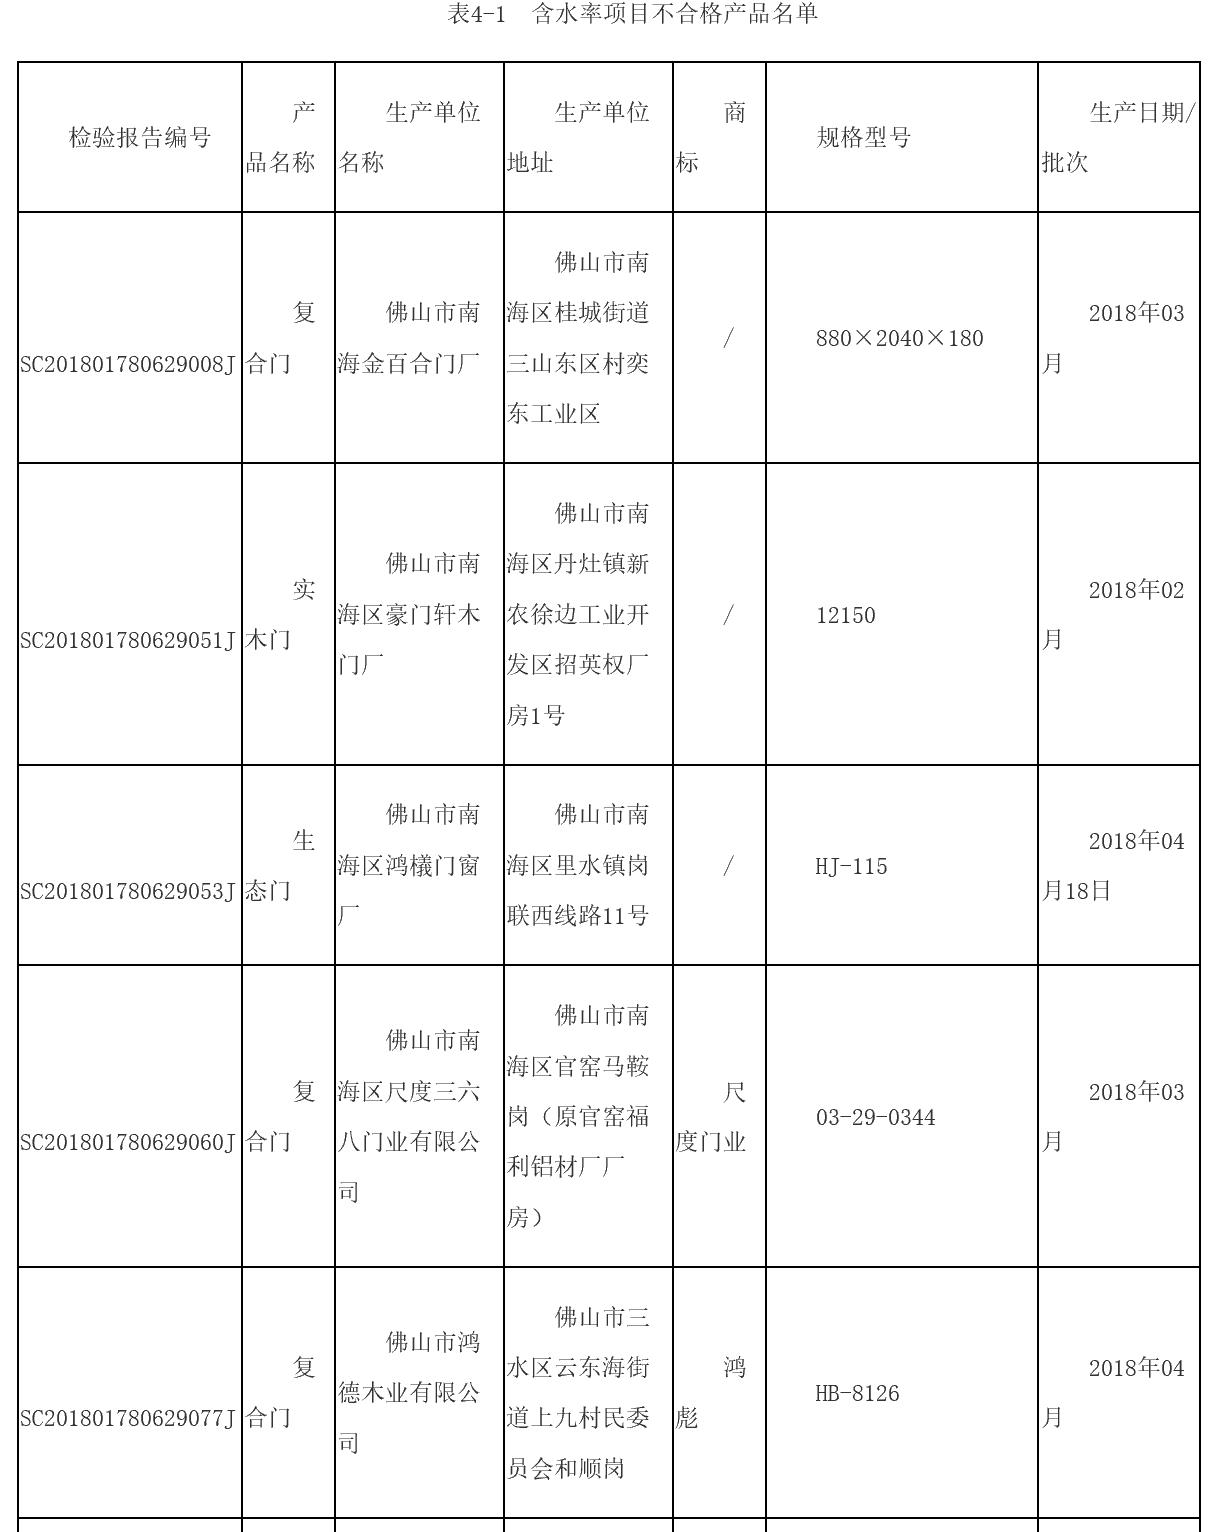 9游ag娱乐|张馨予怀孕第151天,竟收到了2000封匿名诅咒信……